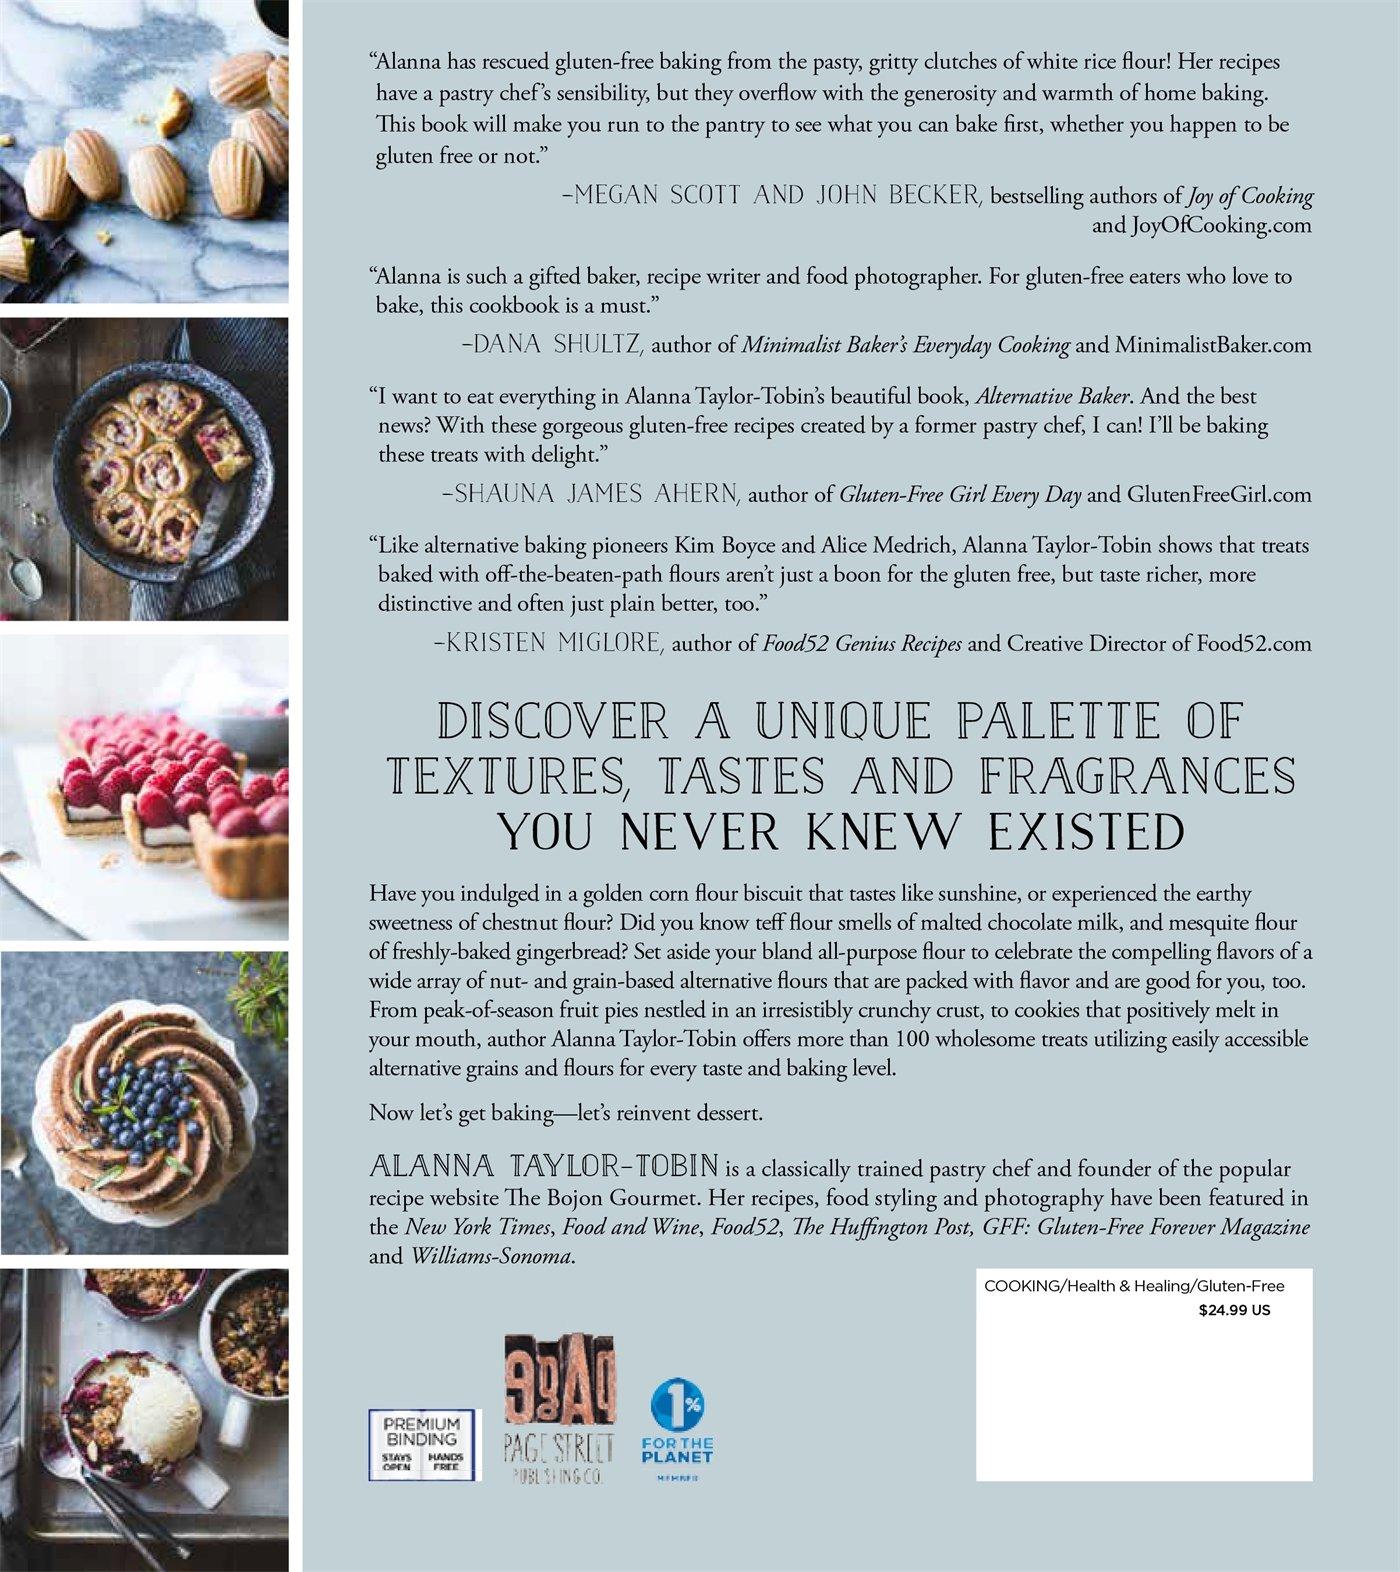 alternative baker reinventing dessert with gluten free grains and